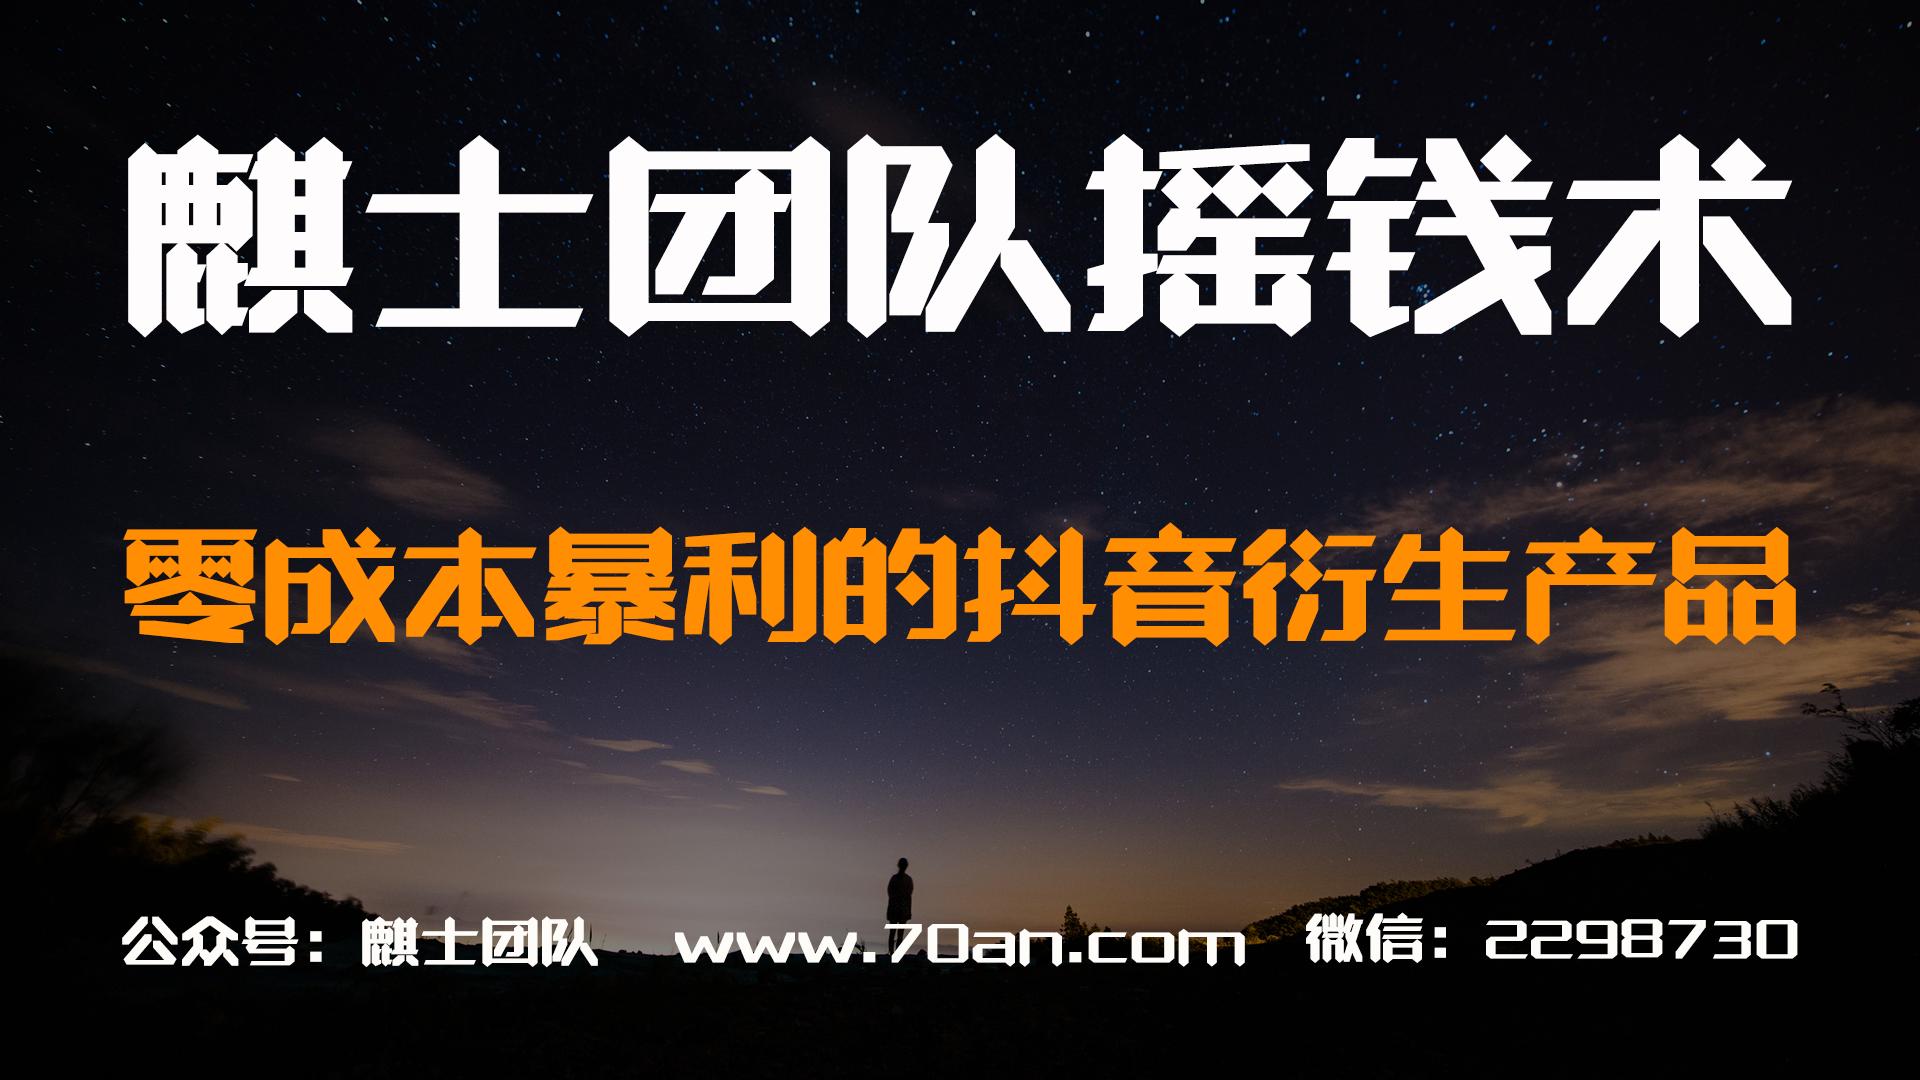 麒士团队摇钱术05:零成本暴利的抖音衍生产品